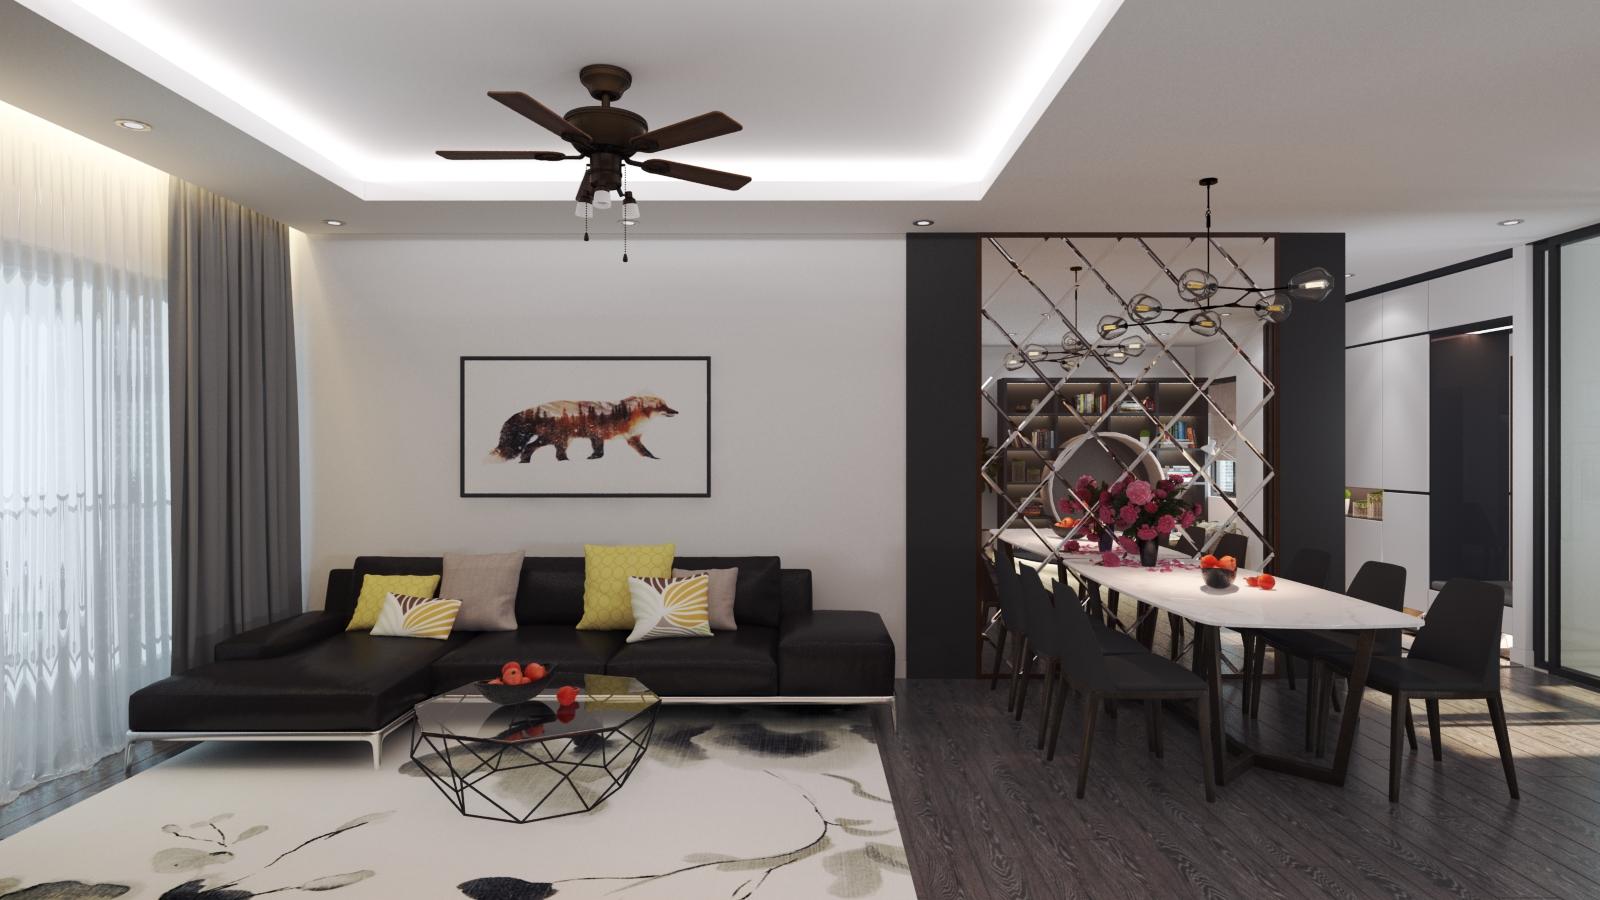 Kết quả hình ảnh cho thiết kế nội thất phong cách tối giản